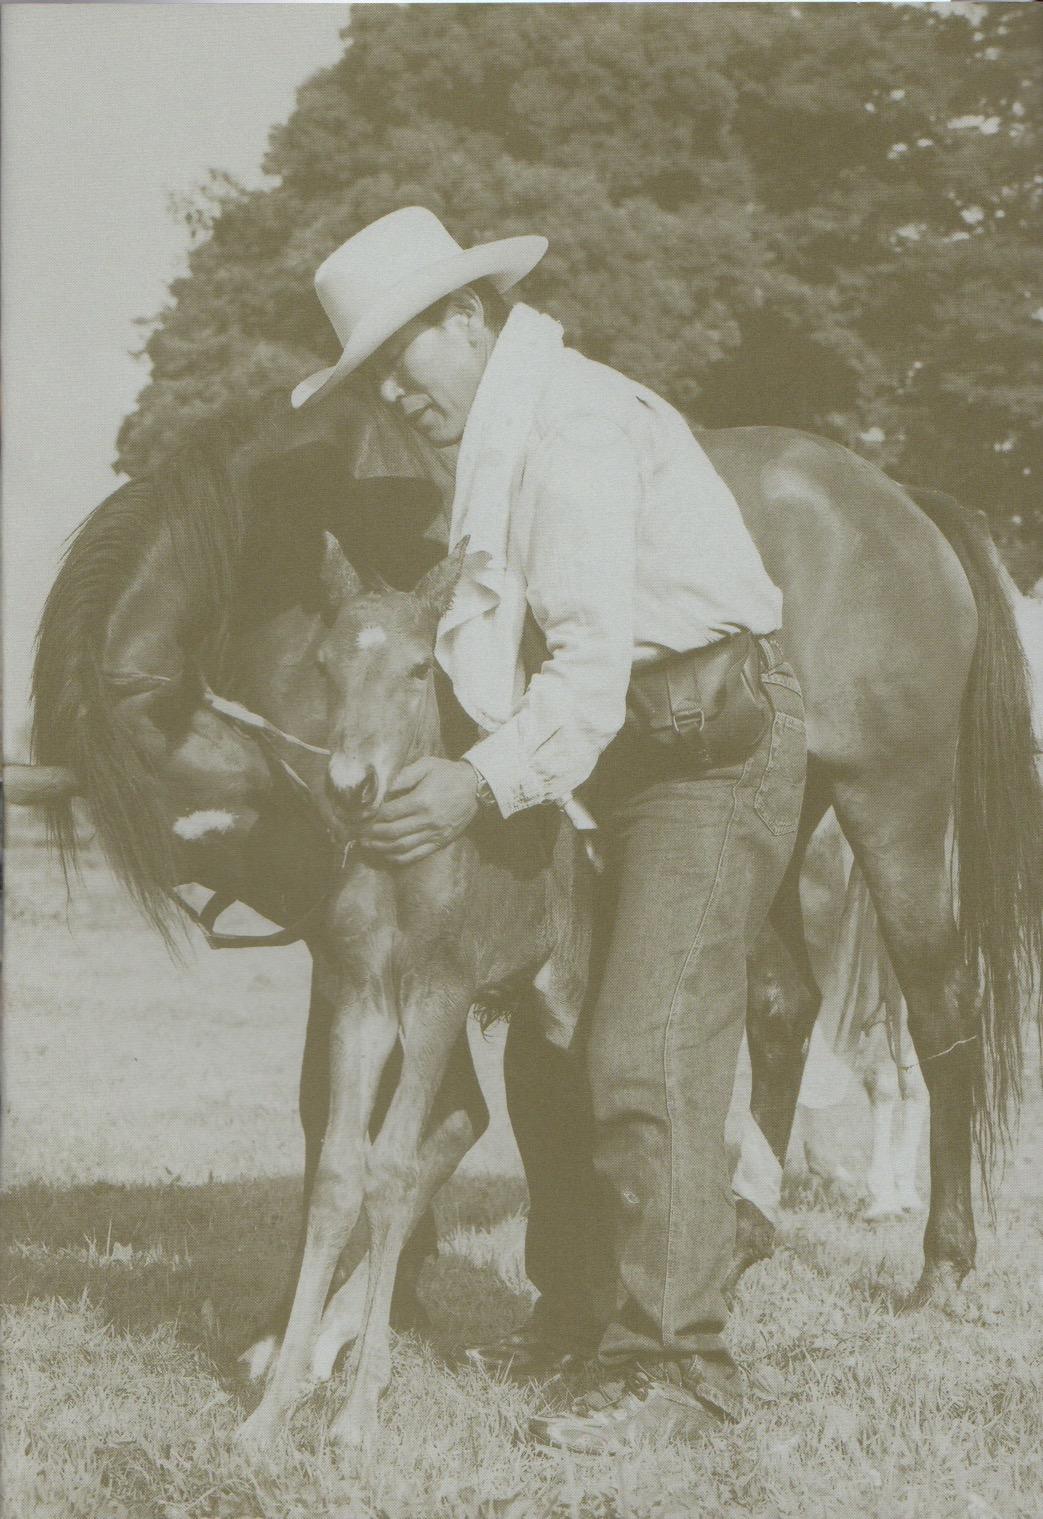 大和ホースパークは1976年創業当時からハンドメイド・ホースで安全な乗馬を提供しています。